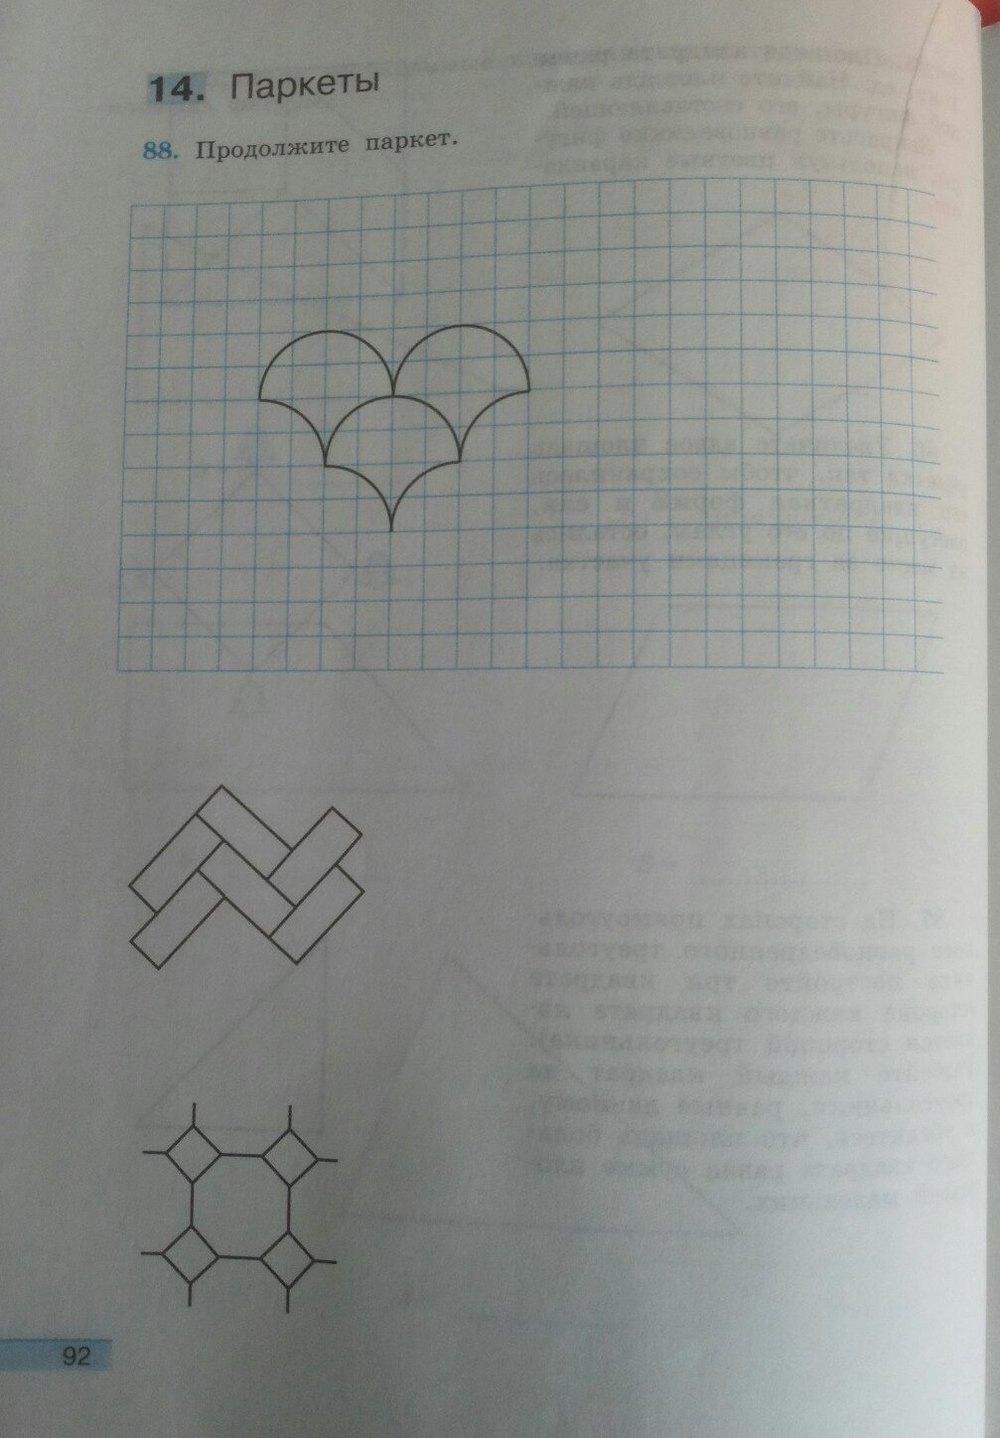 Математике рослова 5 по кузнецова шарыгин гдз дорофеев класс минаева